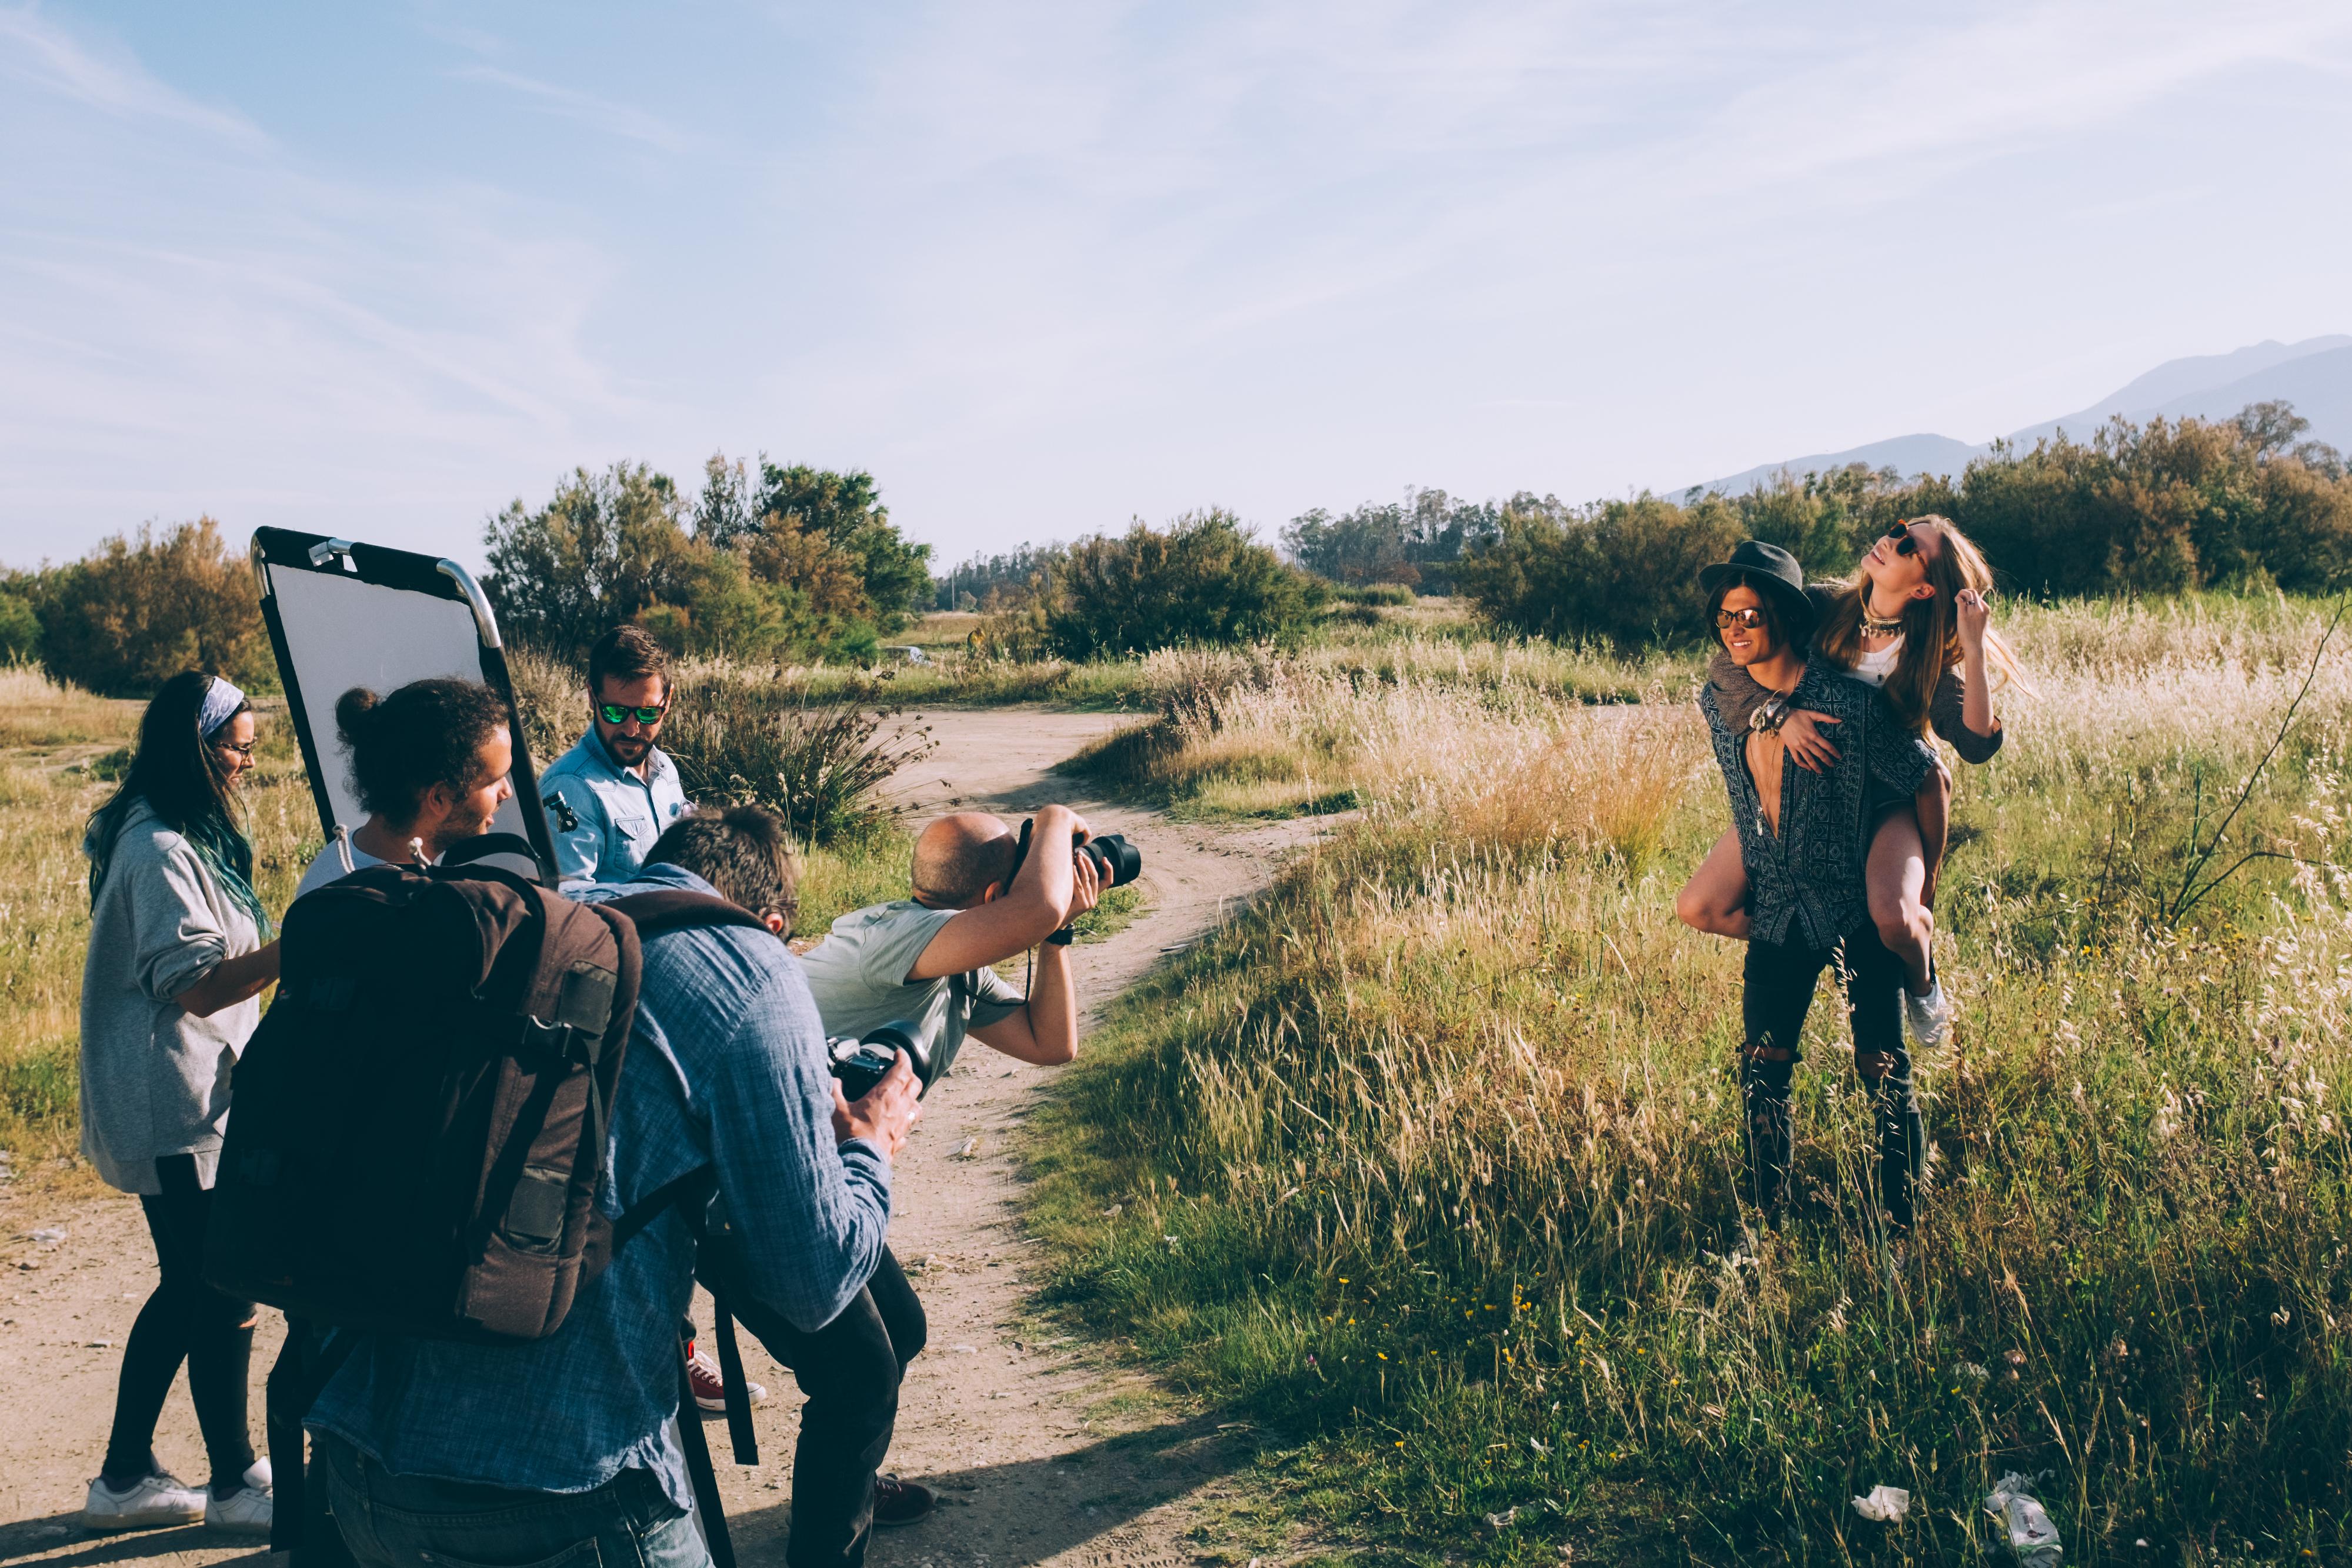 Fotografía making of de la sesión de fotos publicitaría para la campaña de verano 2017 de Soloptical en Estudio Mierterán